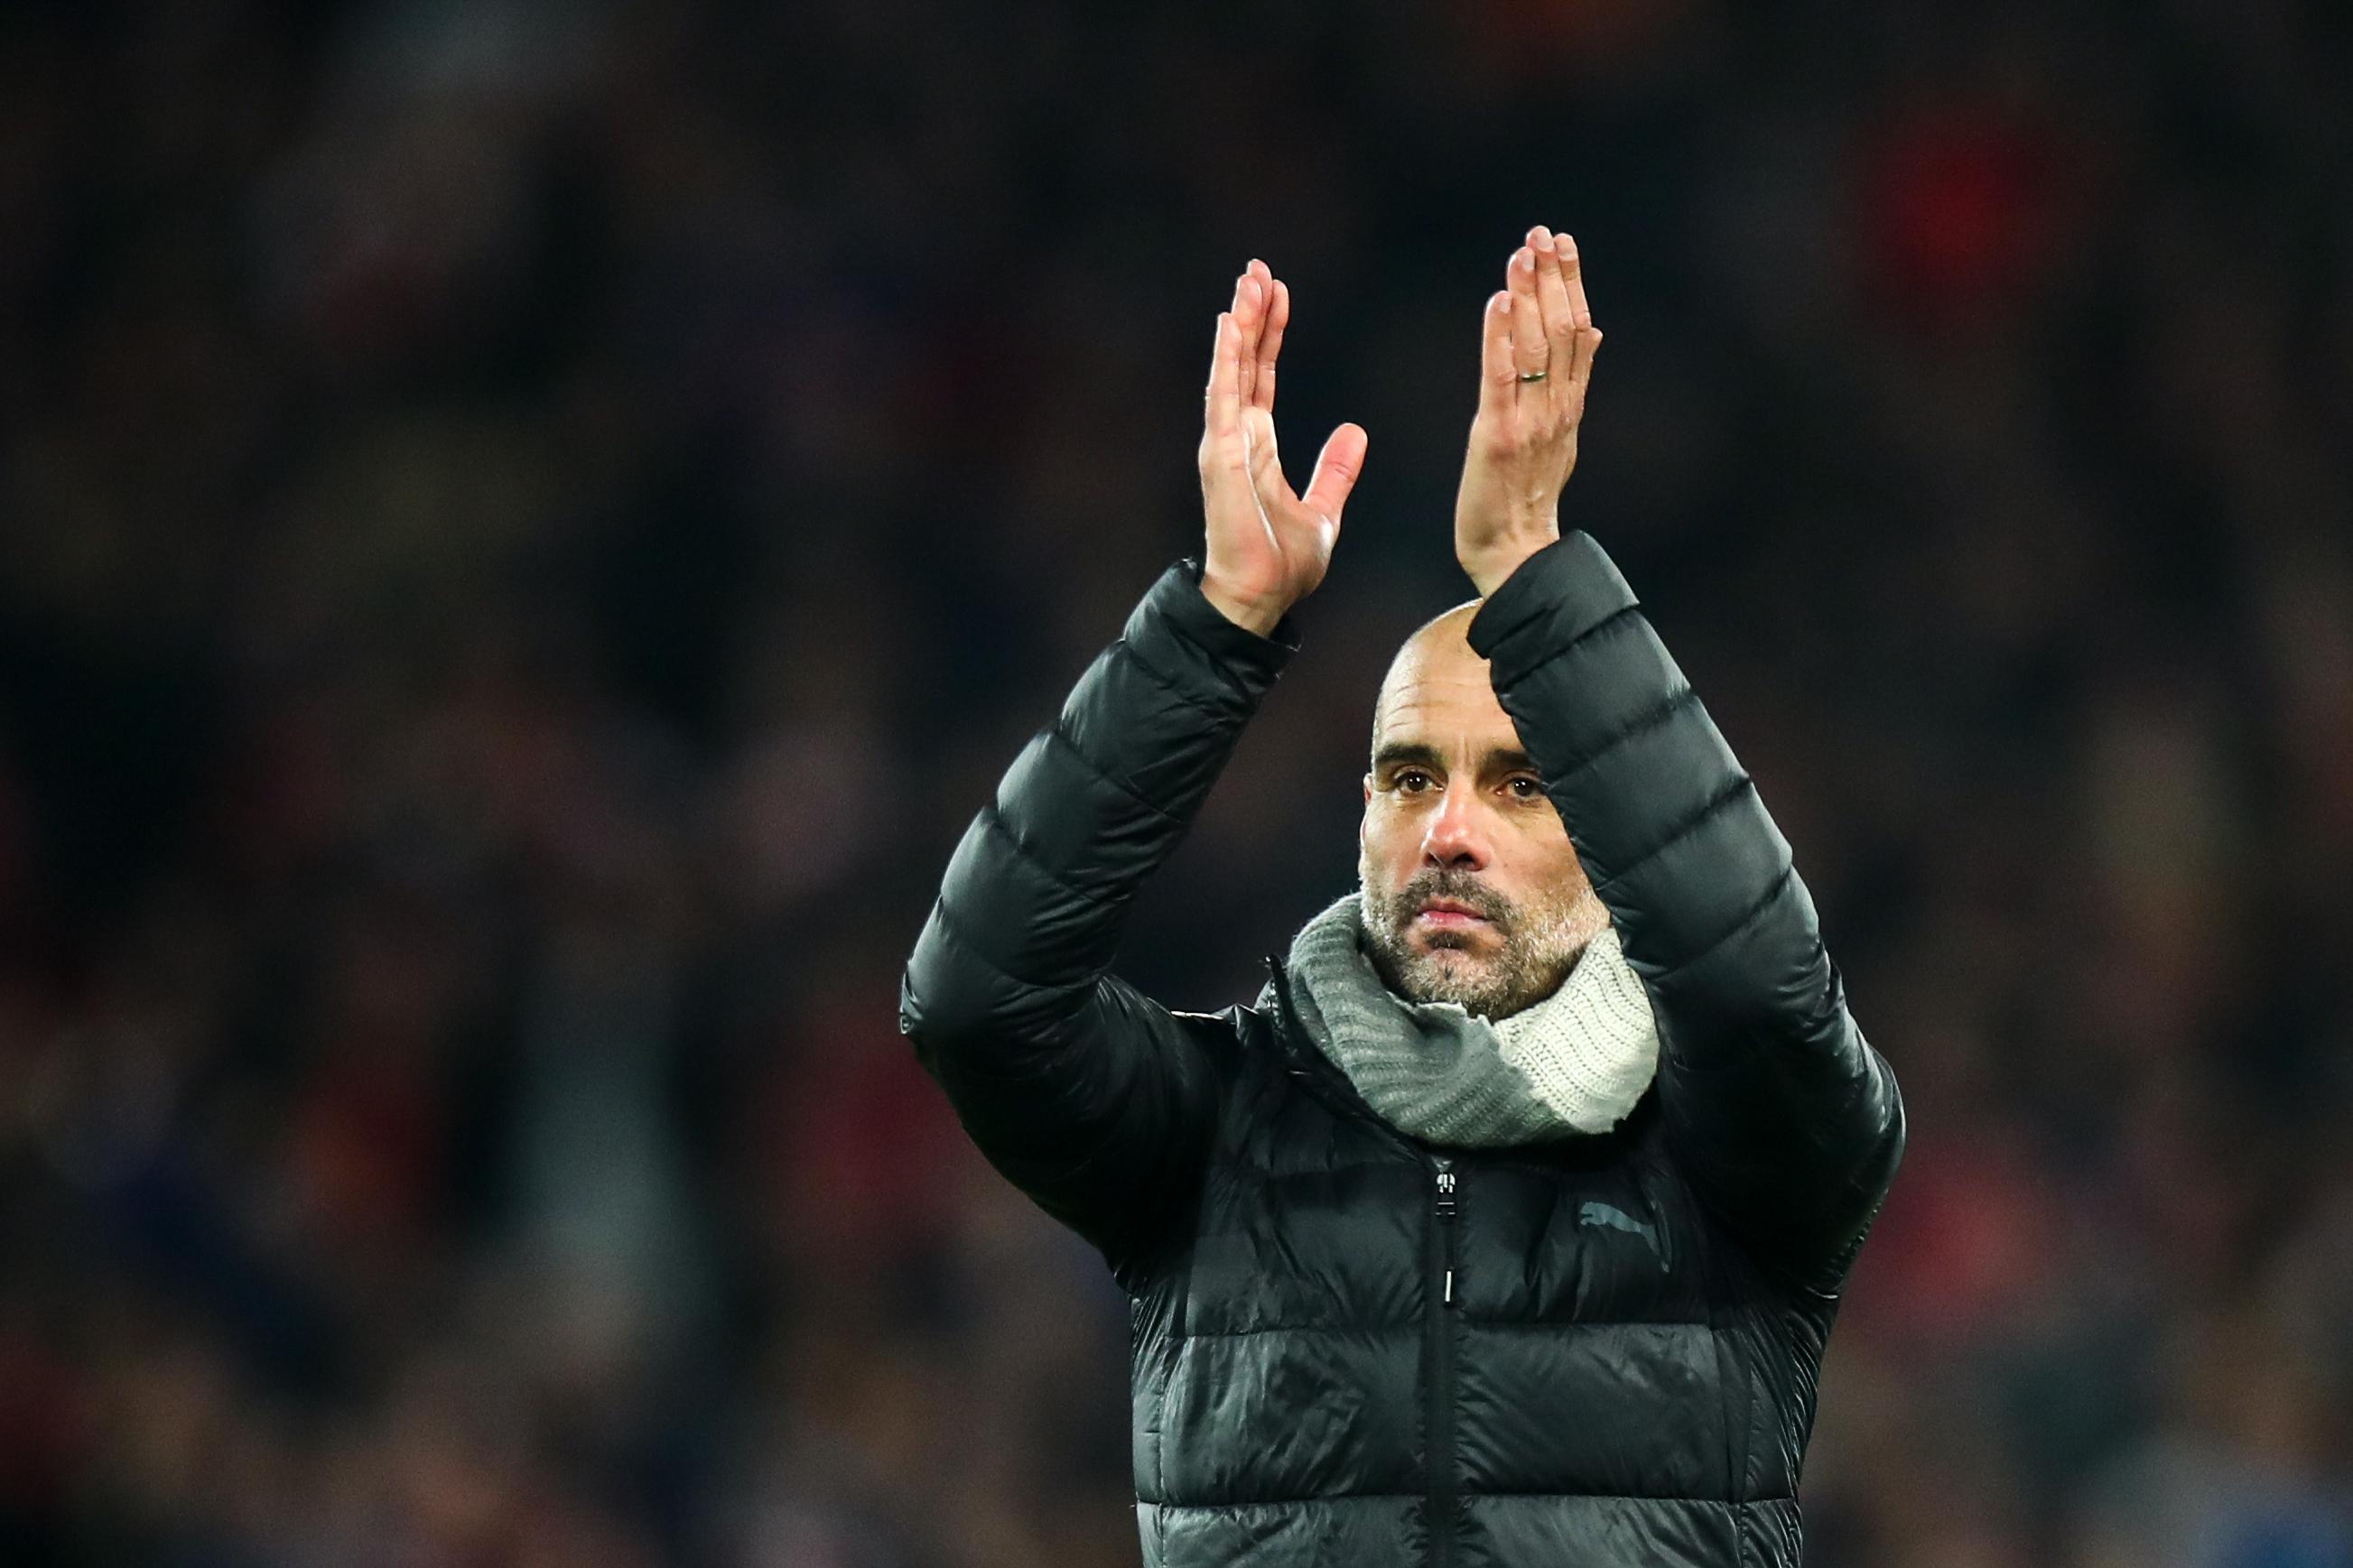 La jolie surprise de Pep Guardiola à 114 supporters de Manchester City